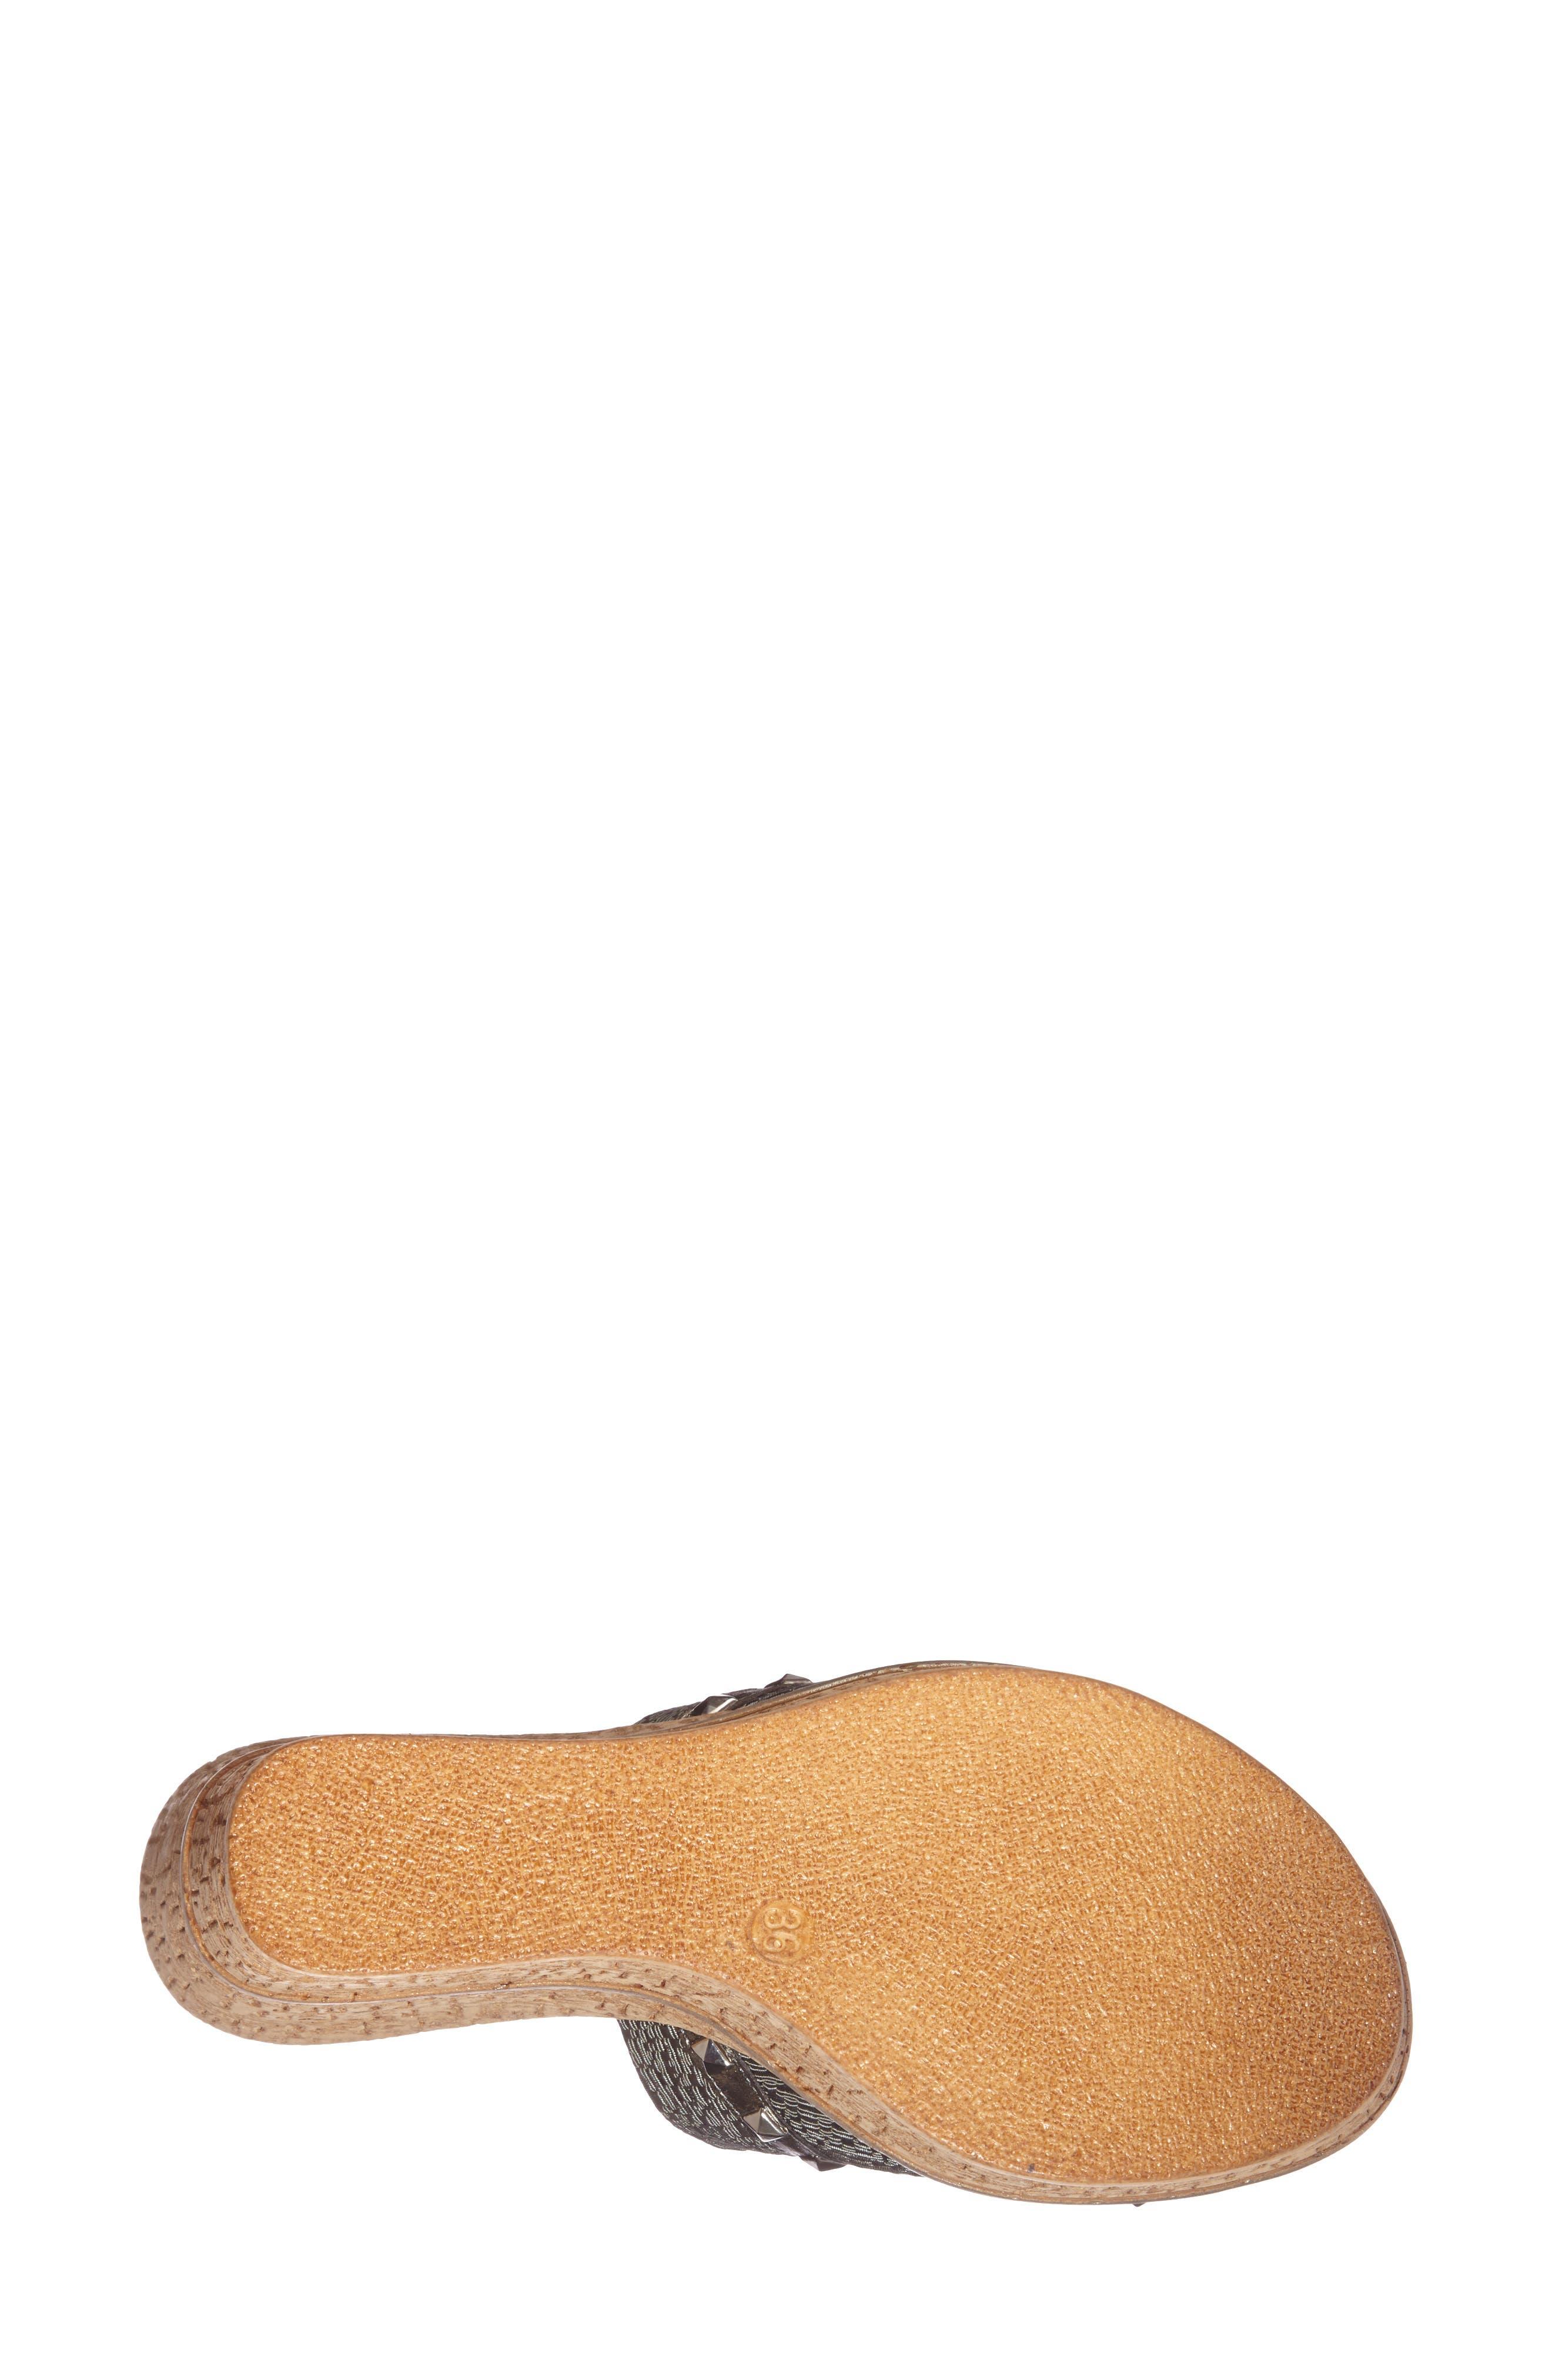 'Margo' Wedge Slide Sandal,                             Alternate thumbnail 3, color,                             040